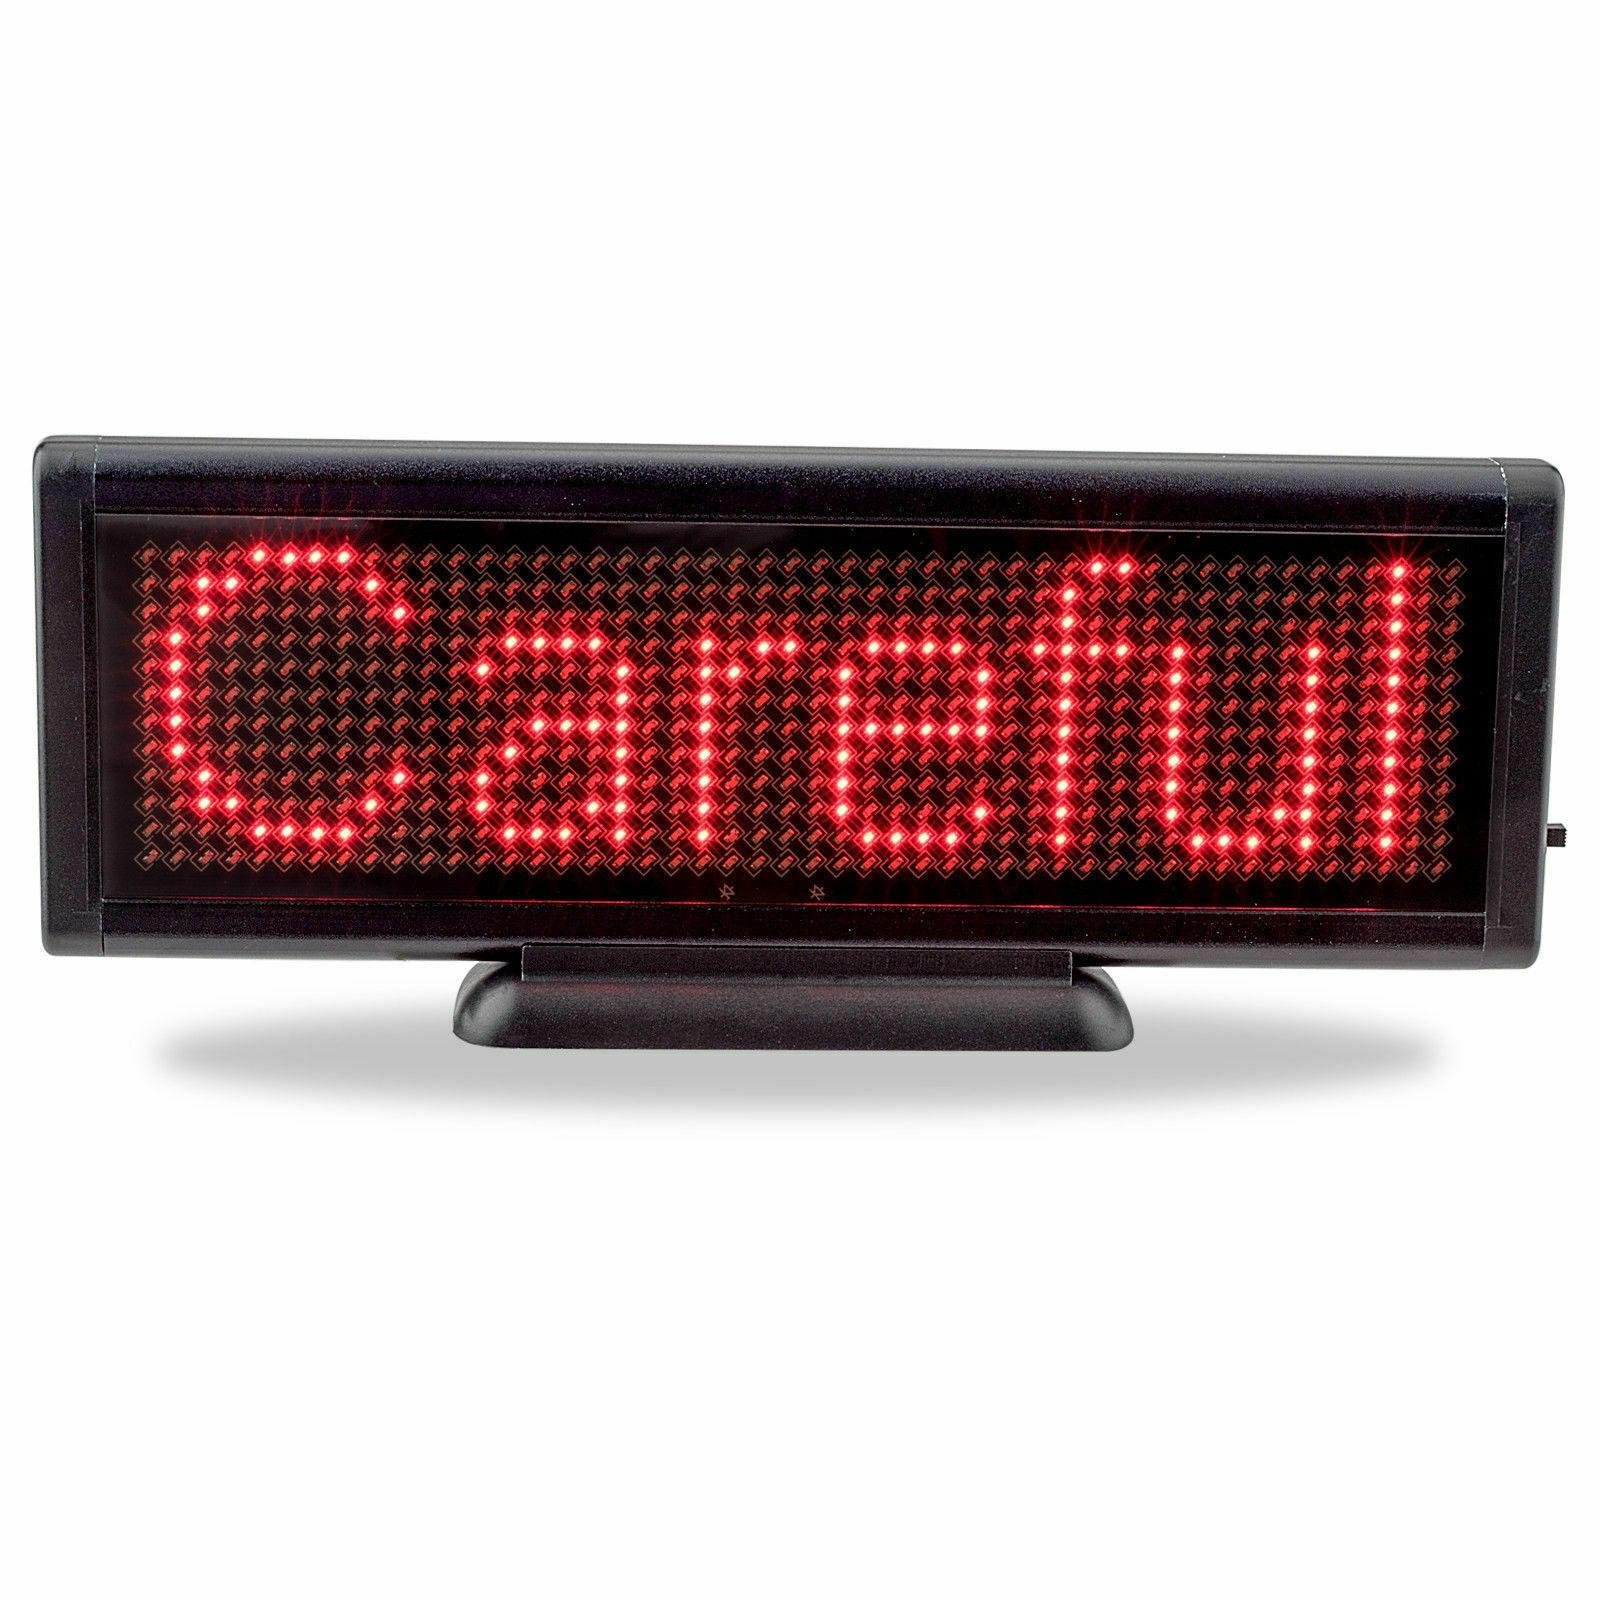 2020 Nueva caliente 8,6 x 3 pulgadas de pantalla LED Junta USB sesión programable mensaje de desplazamiento de negocios